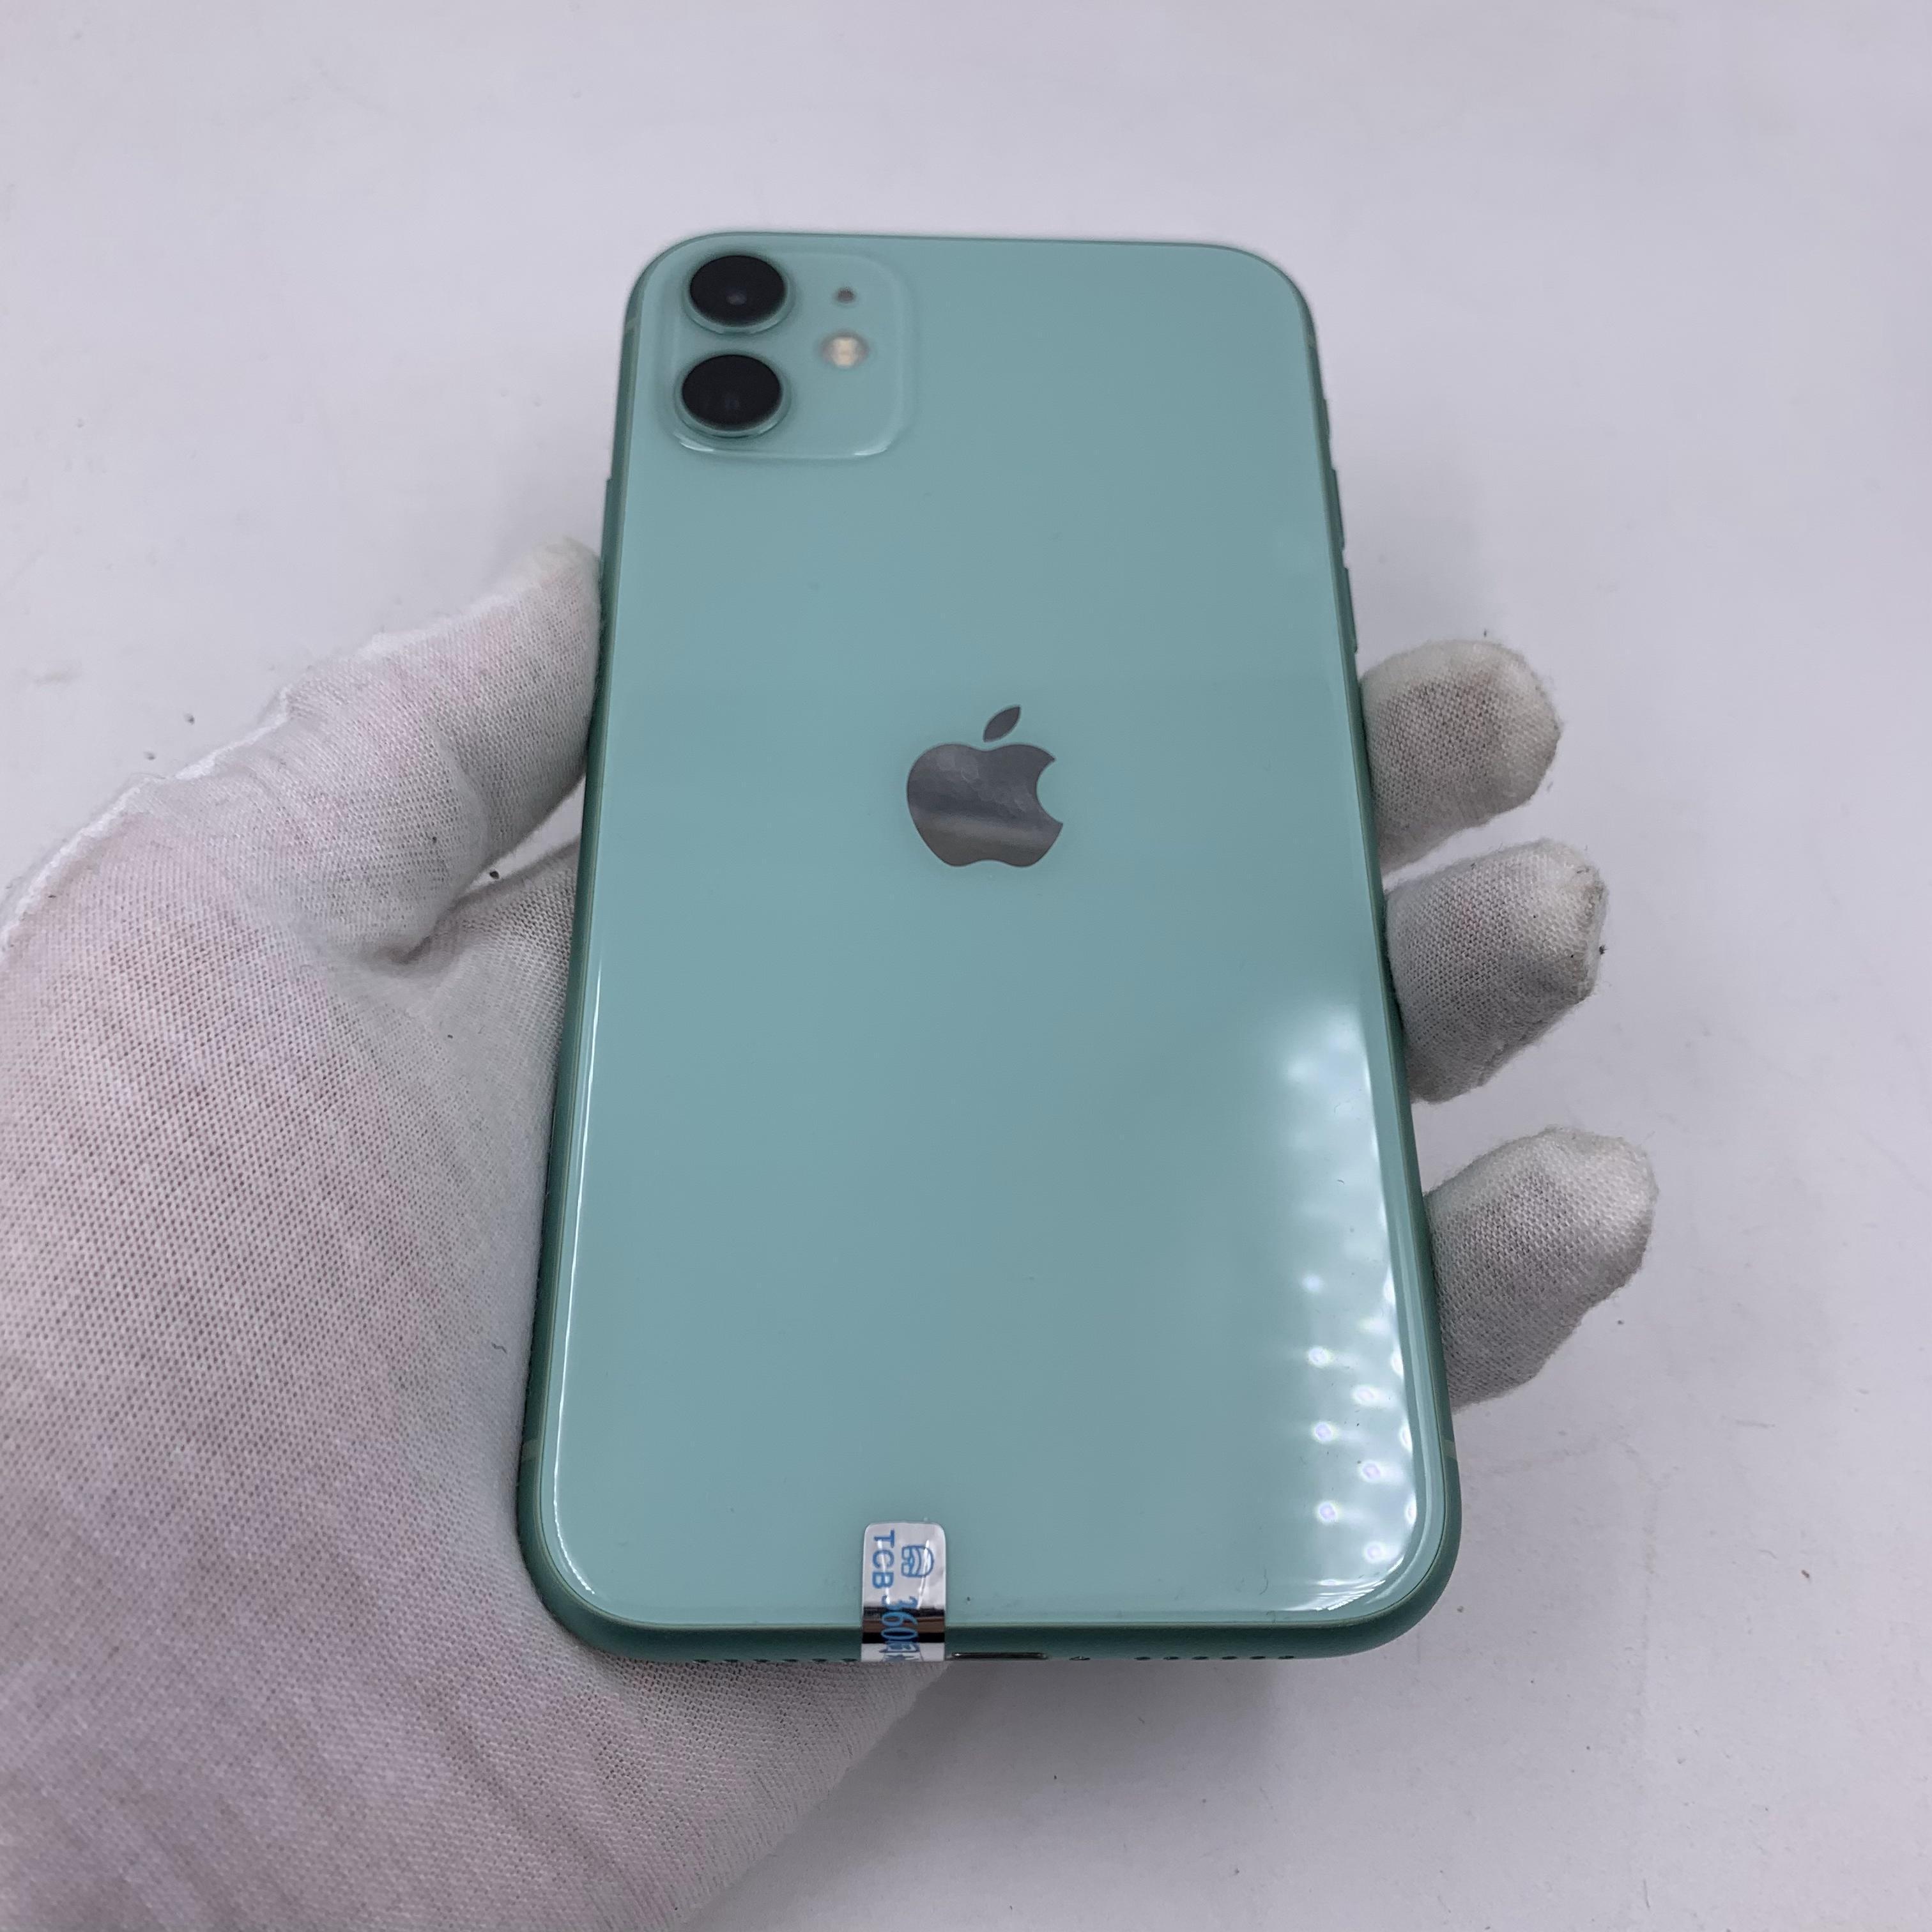 苹果【iPhone 11】4G全网通 绿色 64G 国行 95新